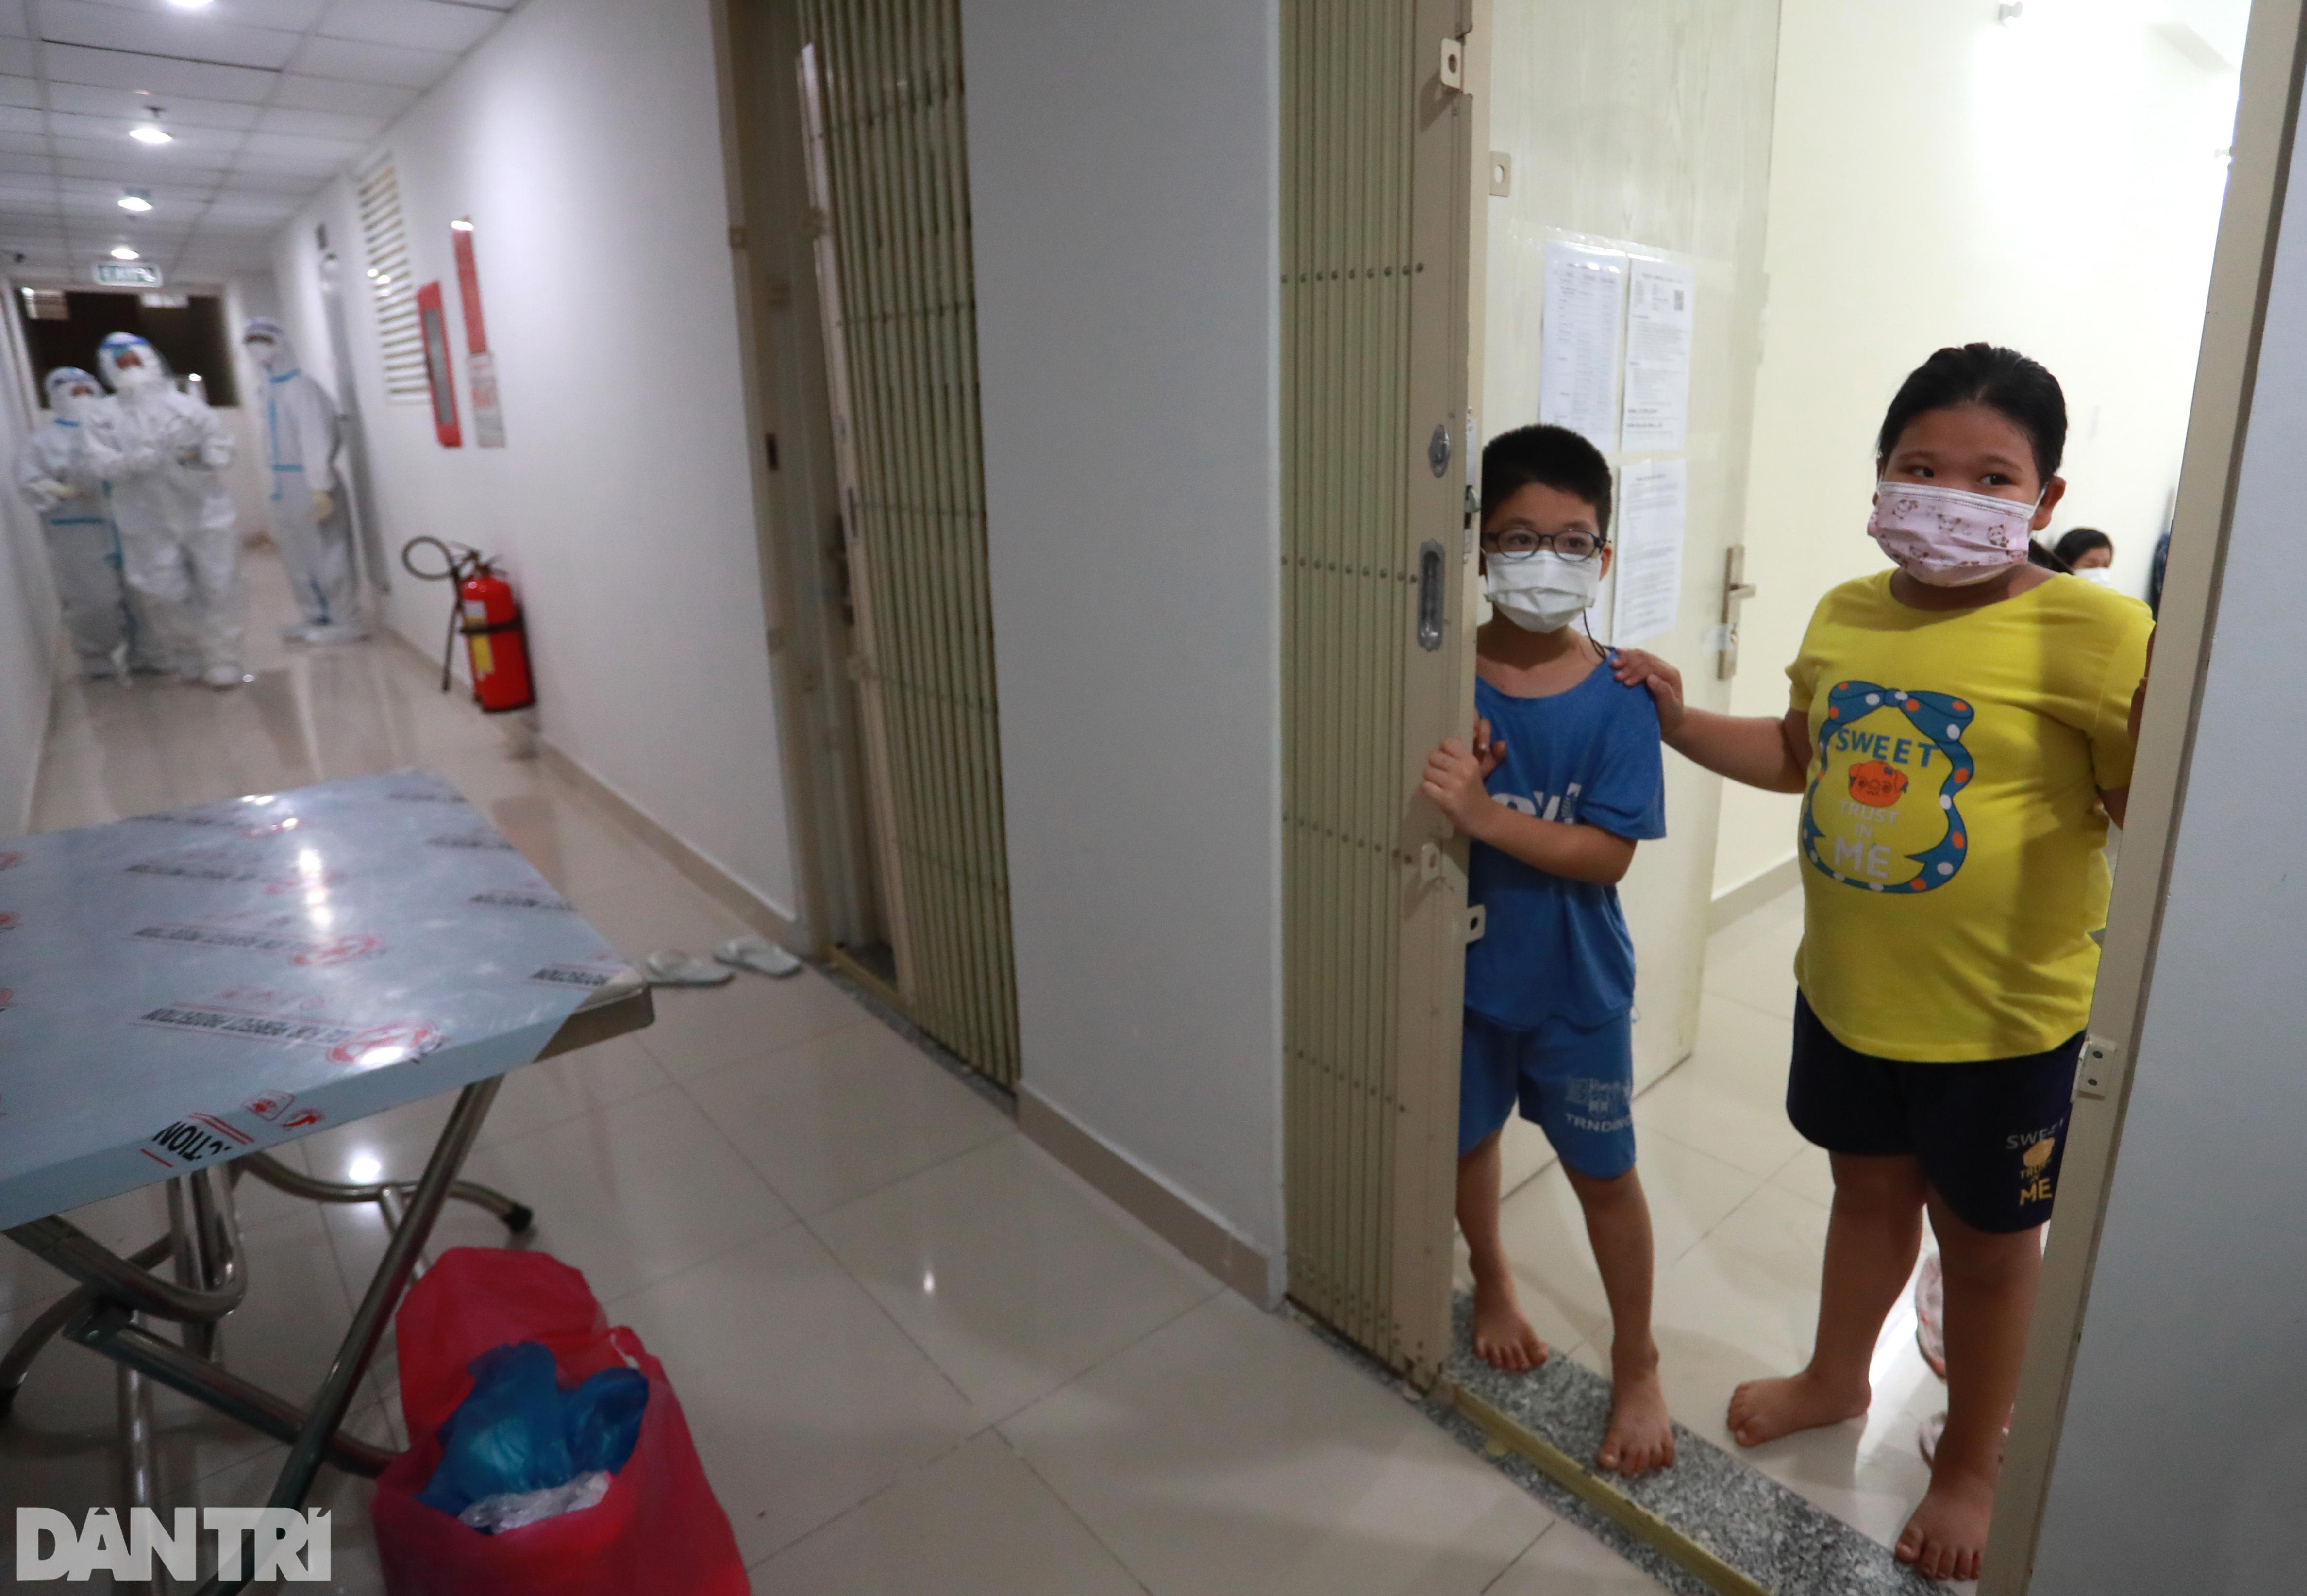 Trung thu đặc biệt cho trẻ em mắc Covid-19 tại Bệnh viện dã chiến ở TPHCM - 2